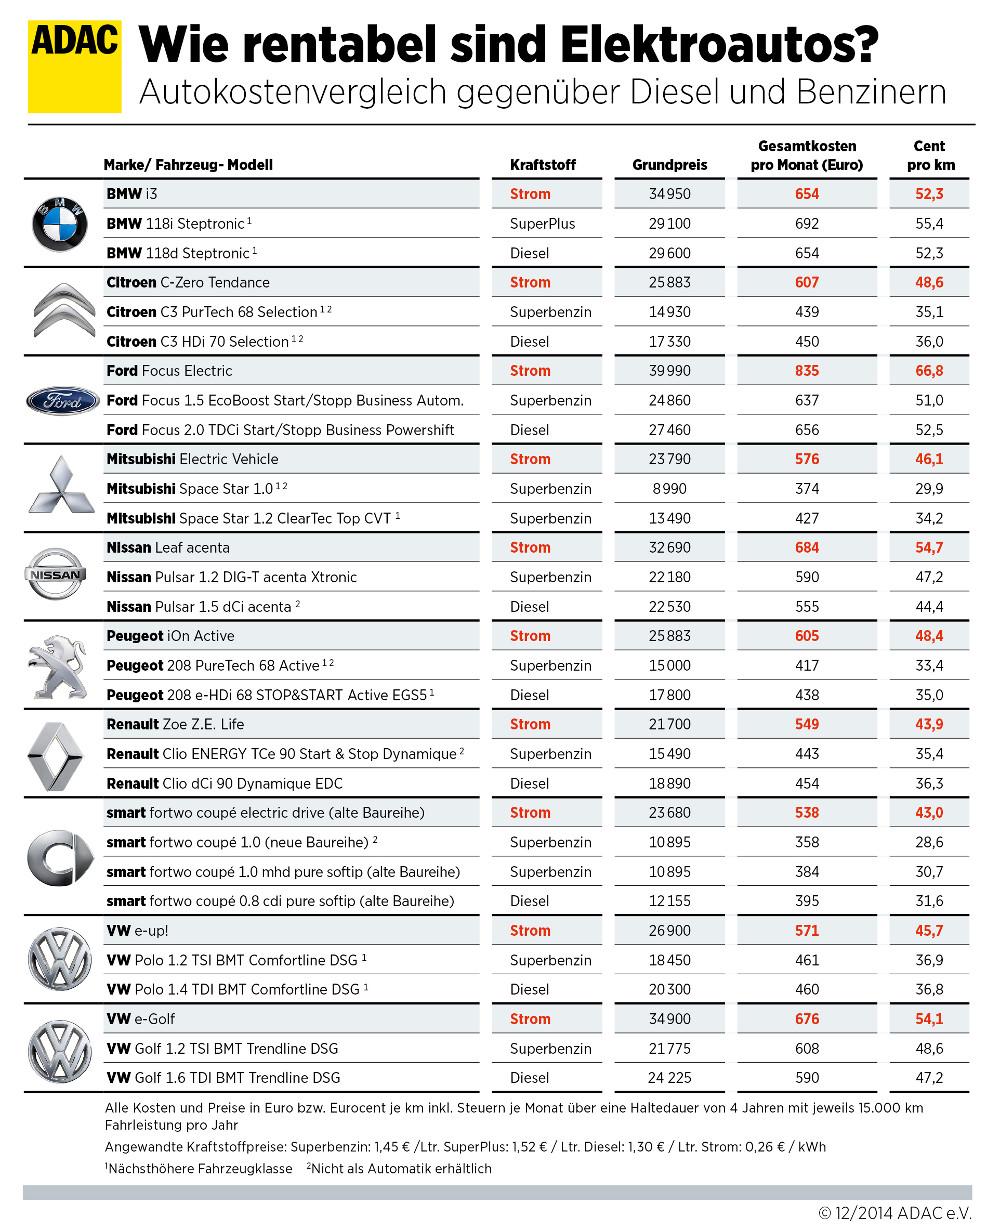 ADAC Elektroauto Kostenvergleich 2015